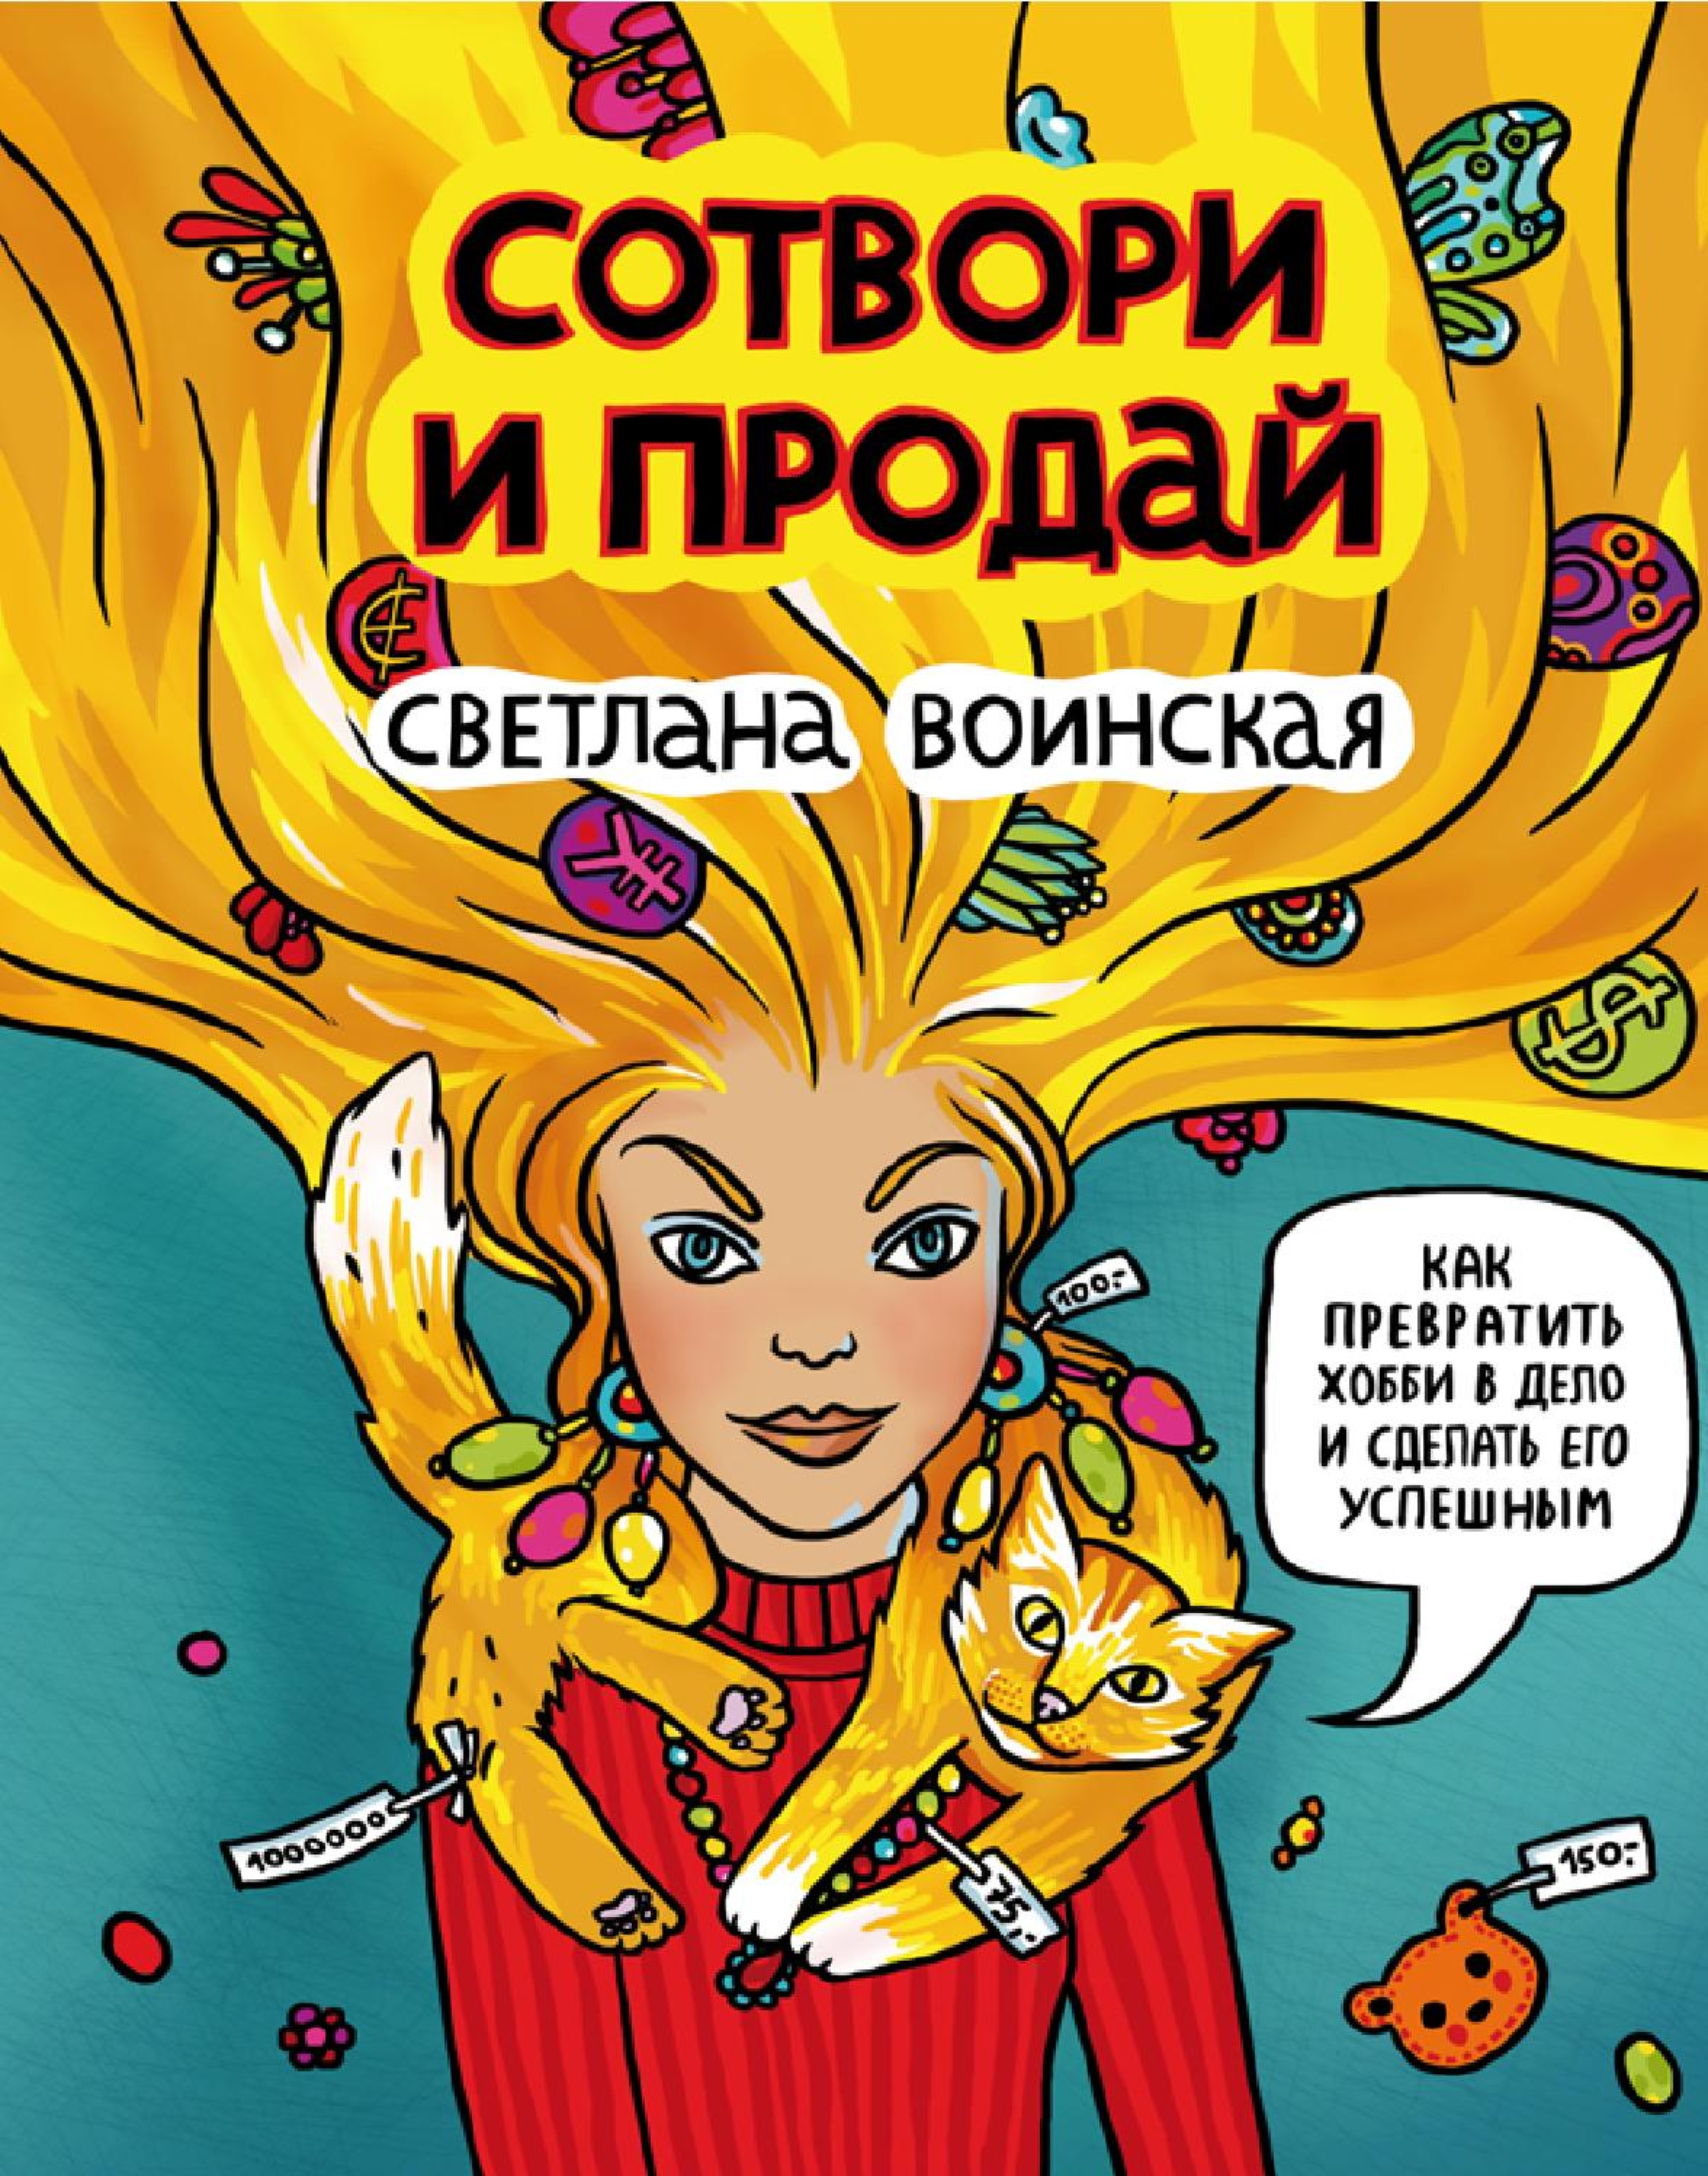 инструкция на русском языке по сборке модели брига голден стар